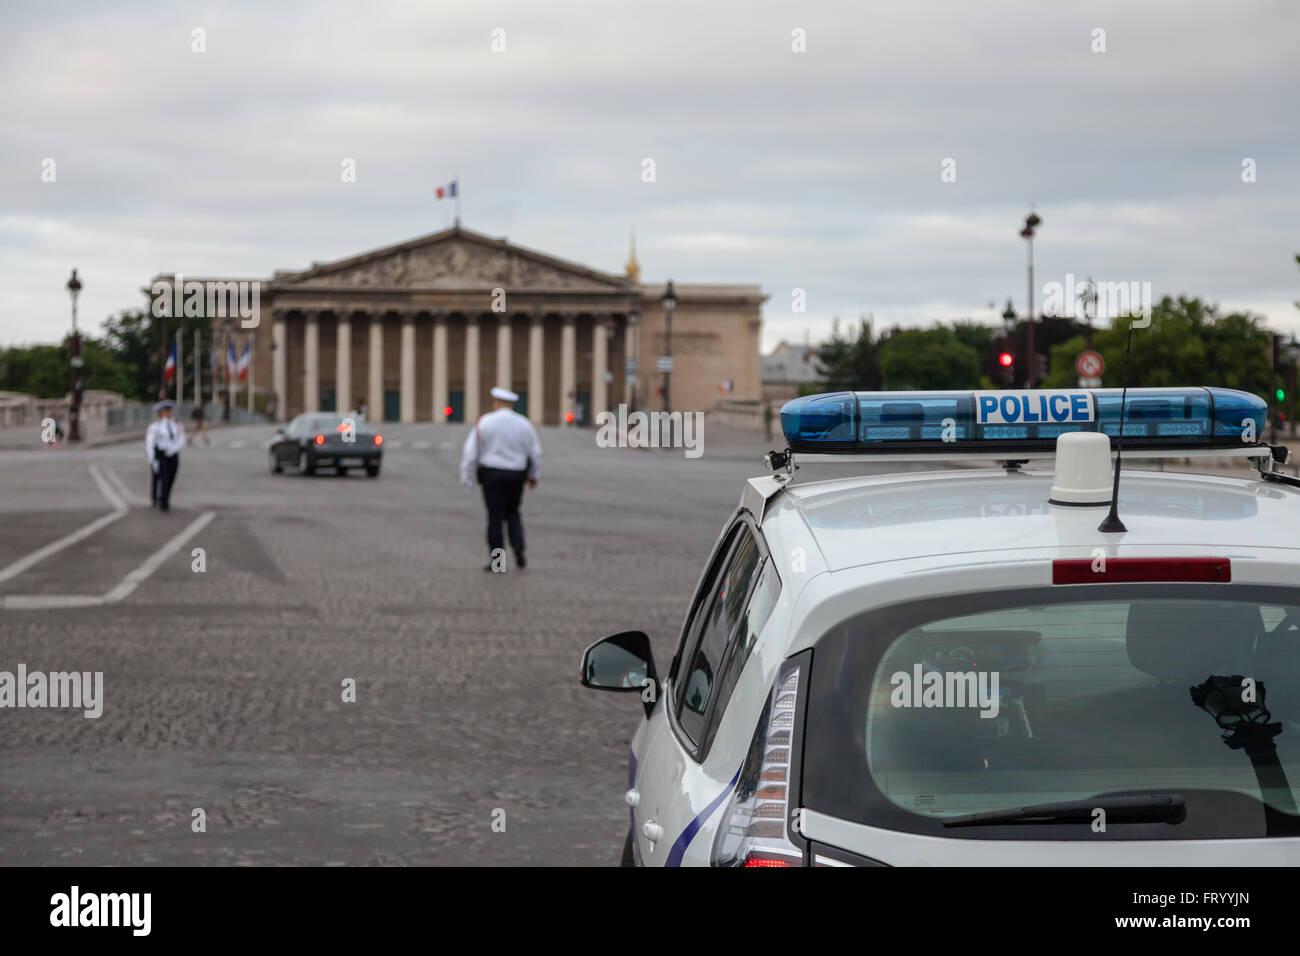 Police at Place de la Concorde in Paris France - Stock Image